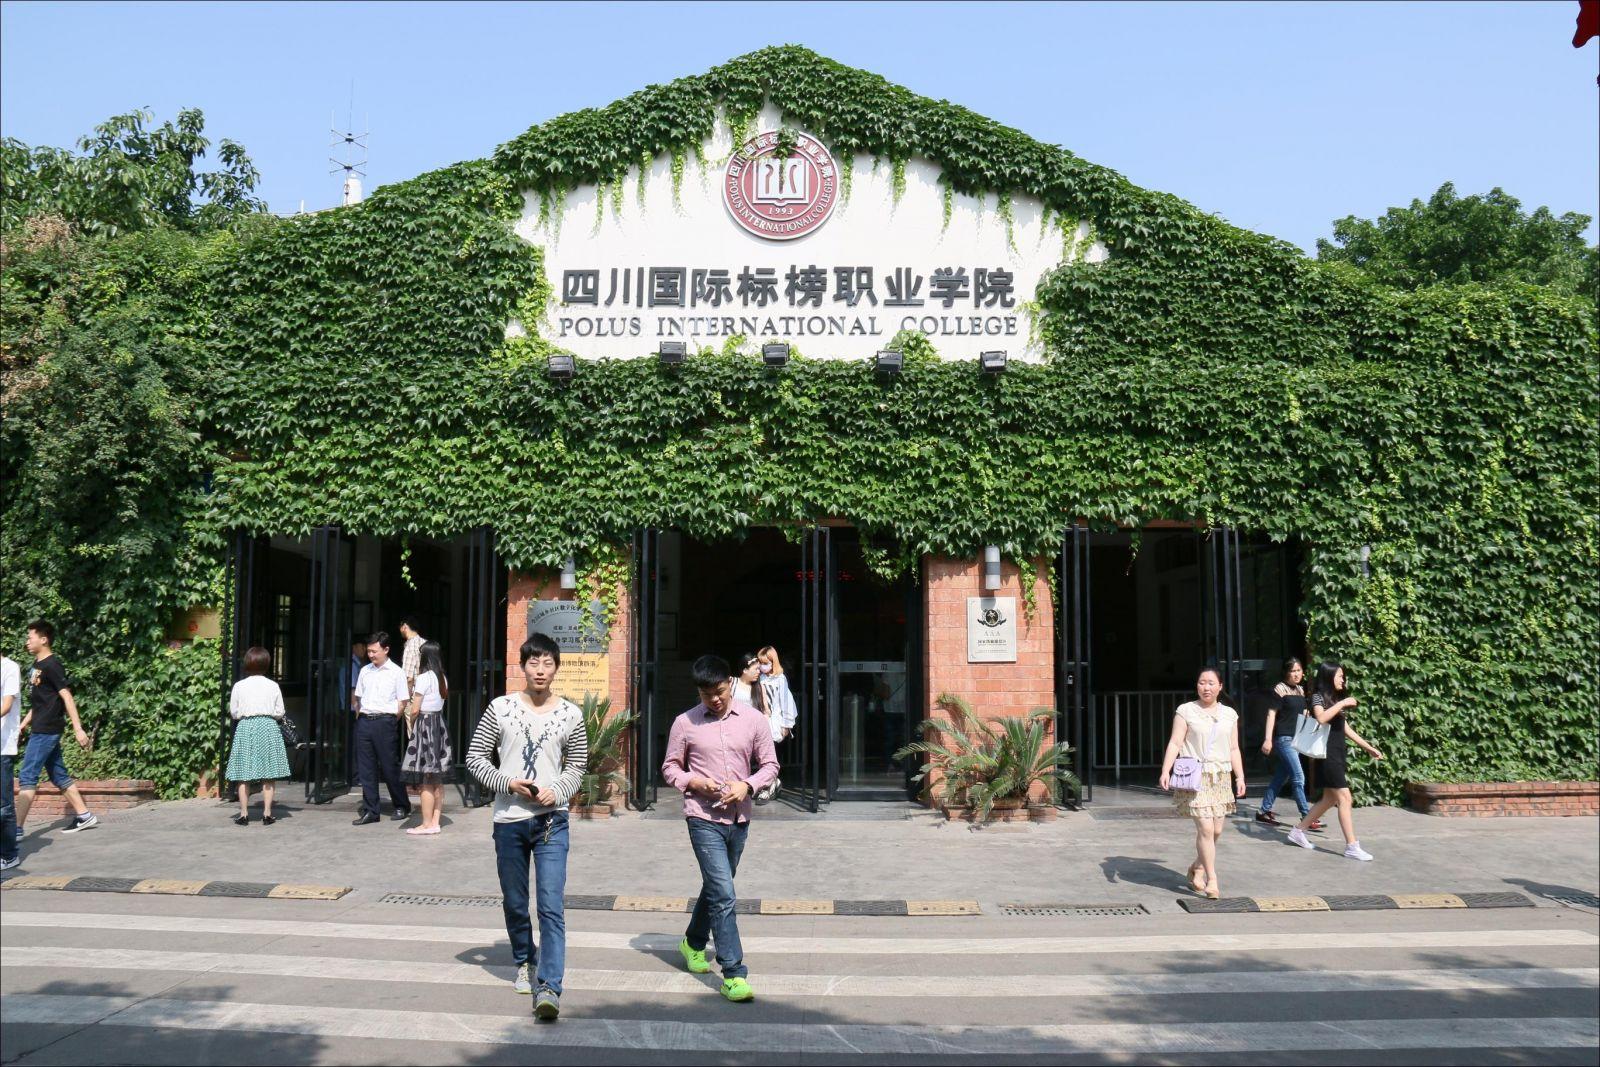 四川国际标榜职业学院校园风景4